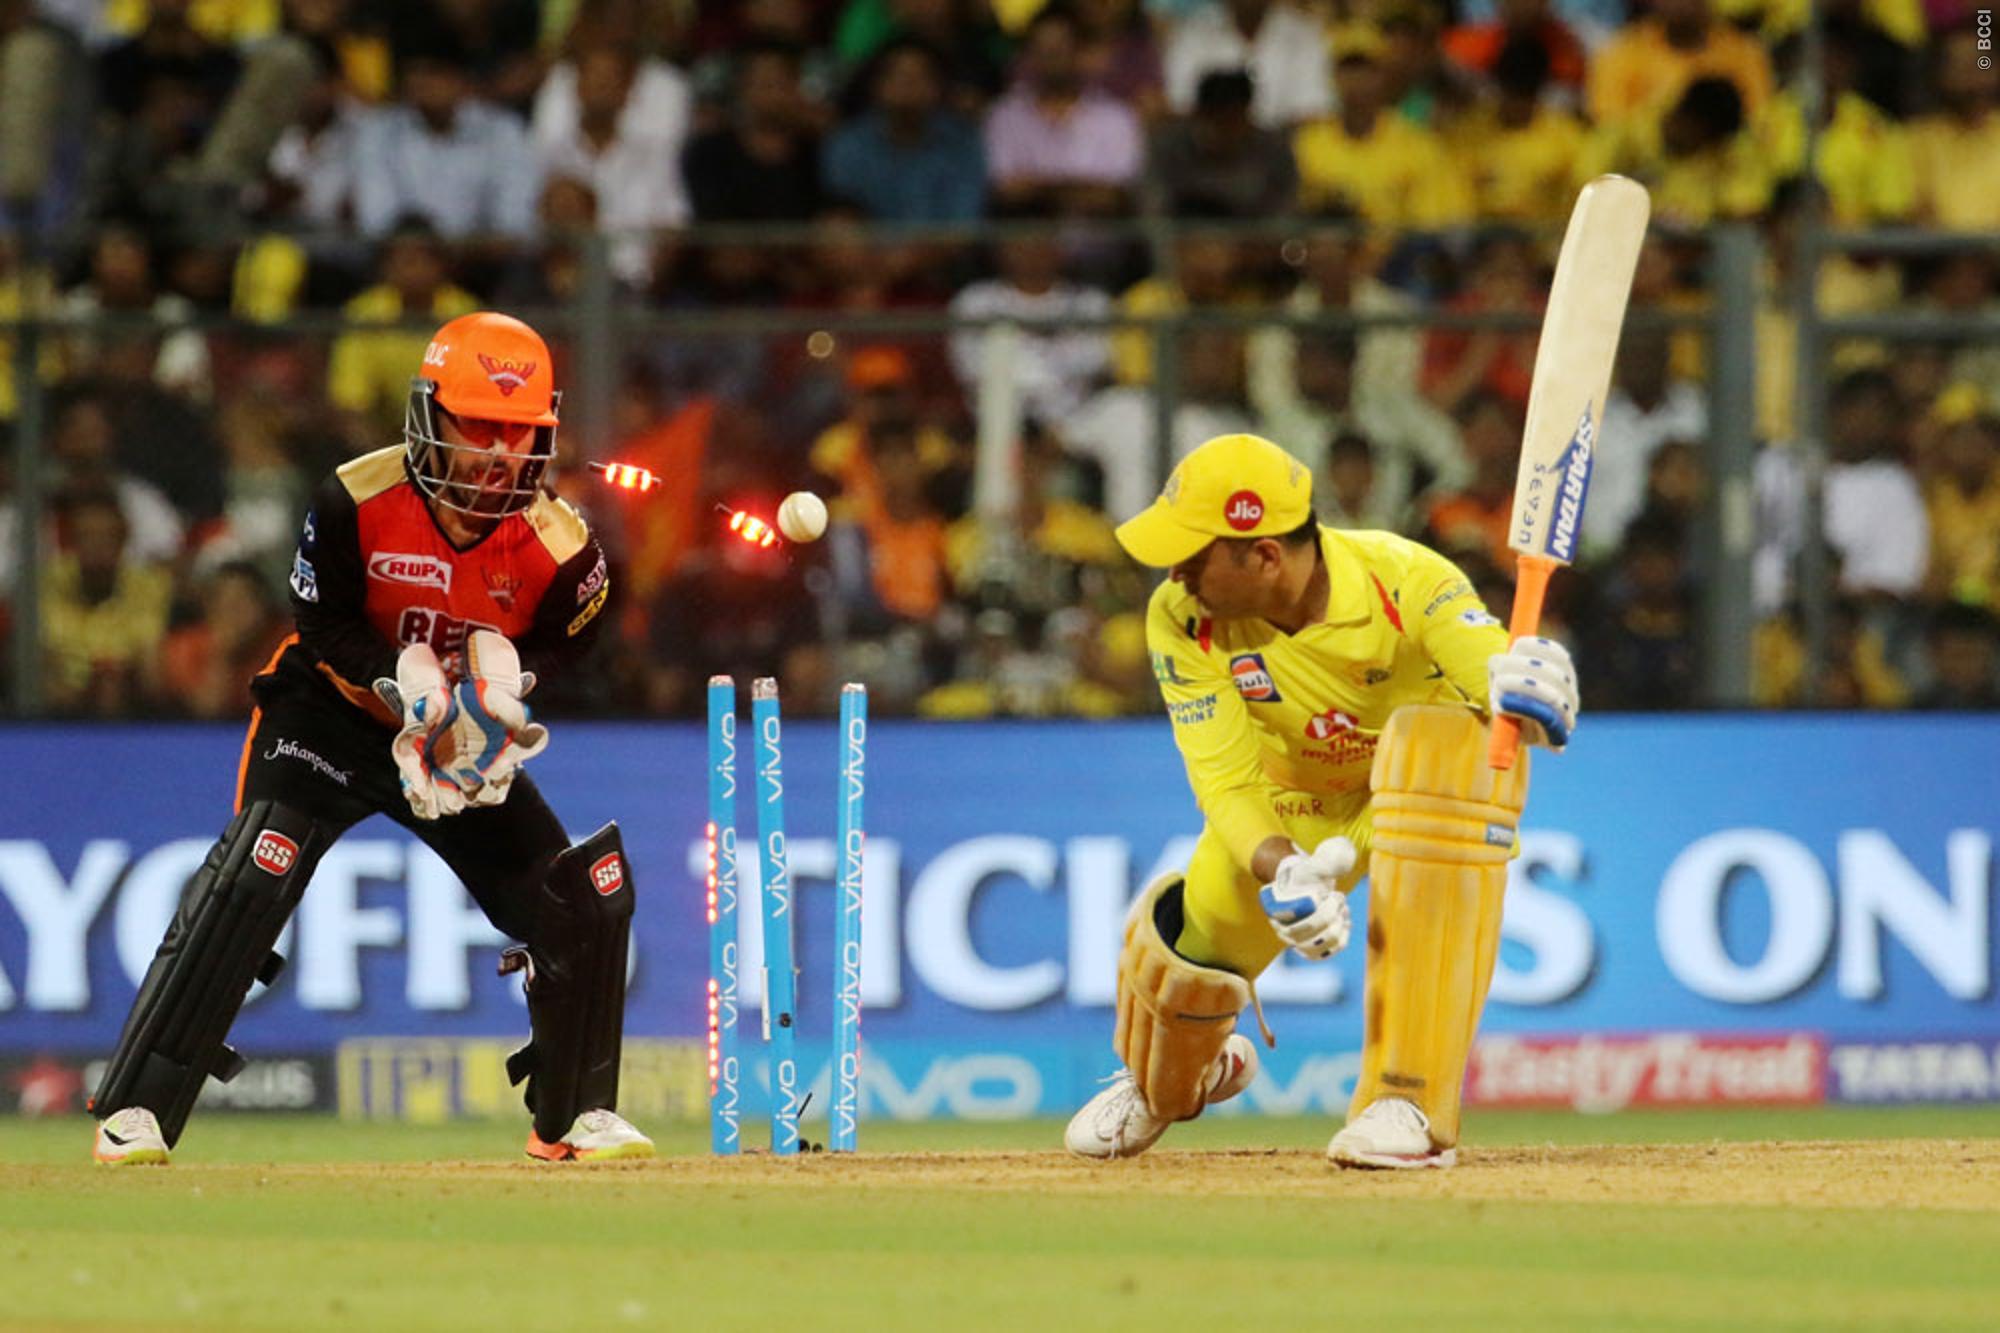 IPL 2018: 2018 के 5 ऐसे मैच जिसमे दूसरी टीम ने असम्भव सा दिखने वाले लक्ष्य का पीछा कर हासिल की जीत 1